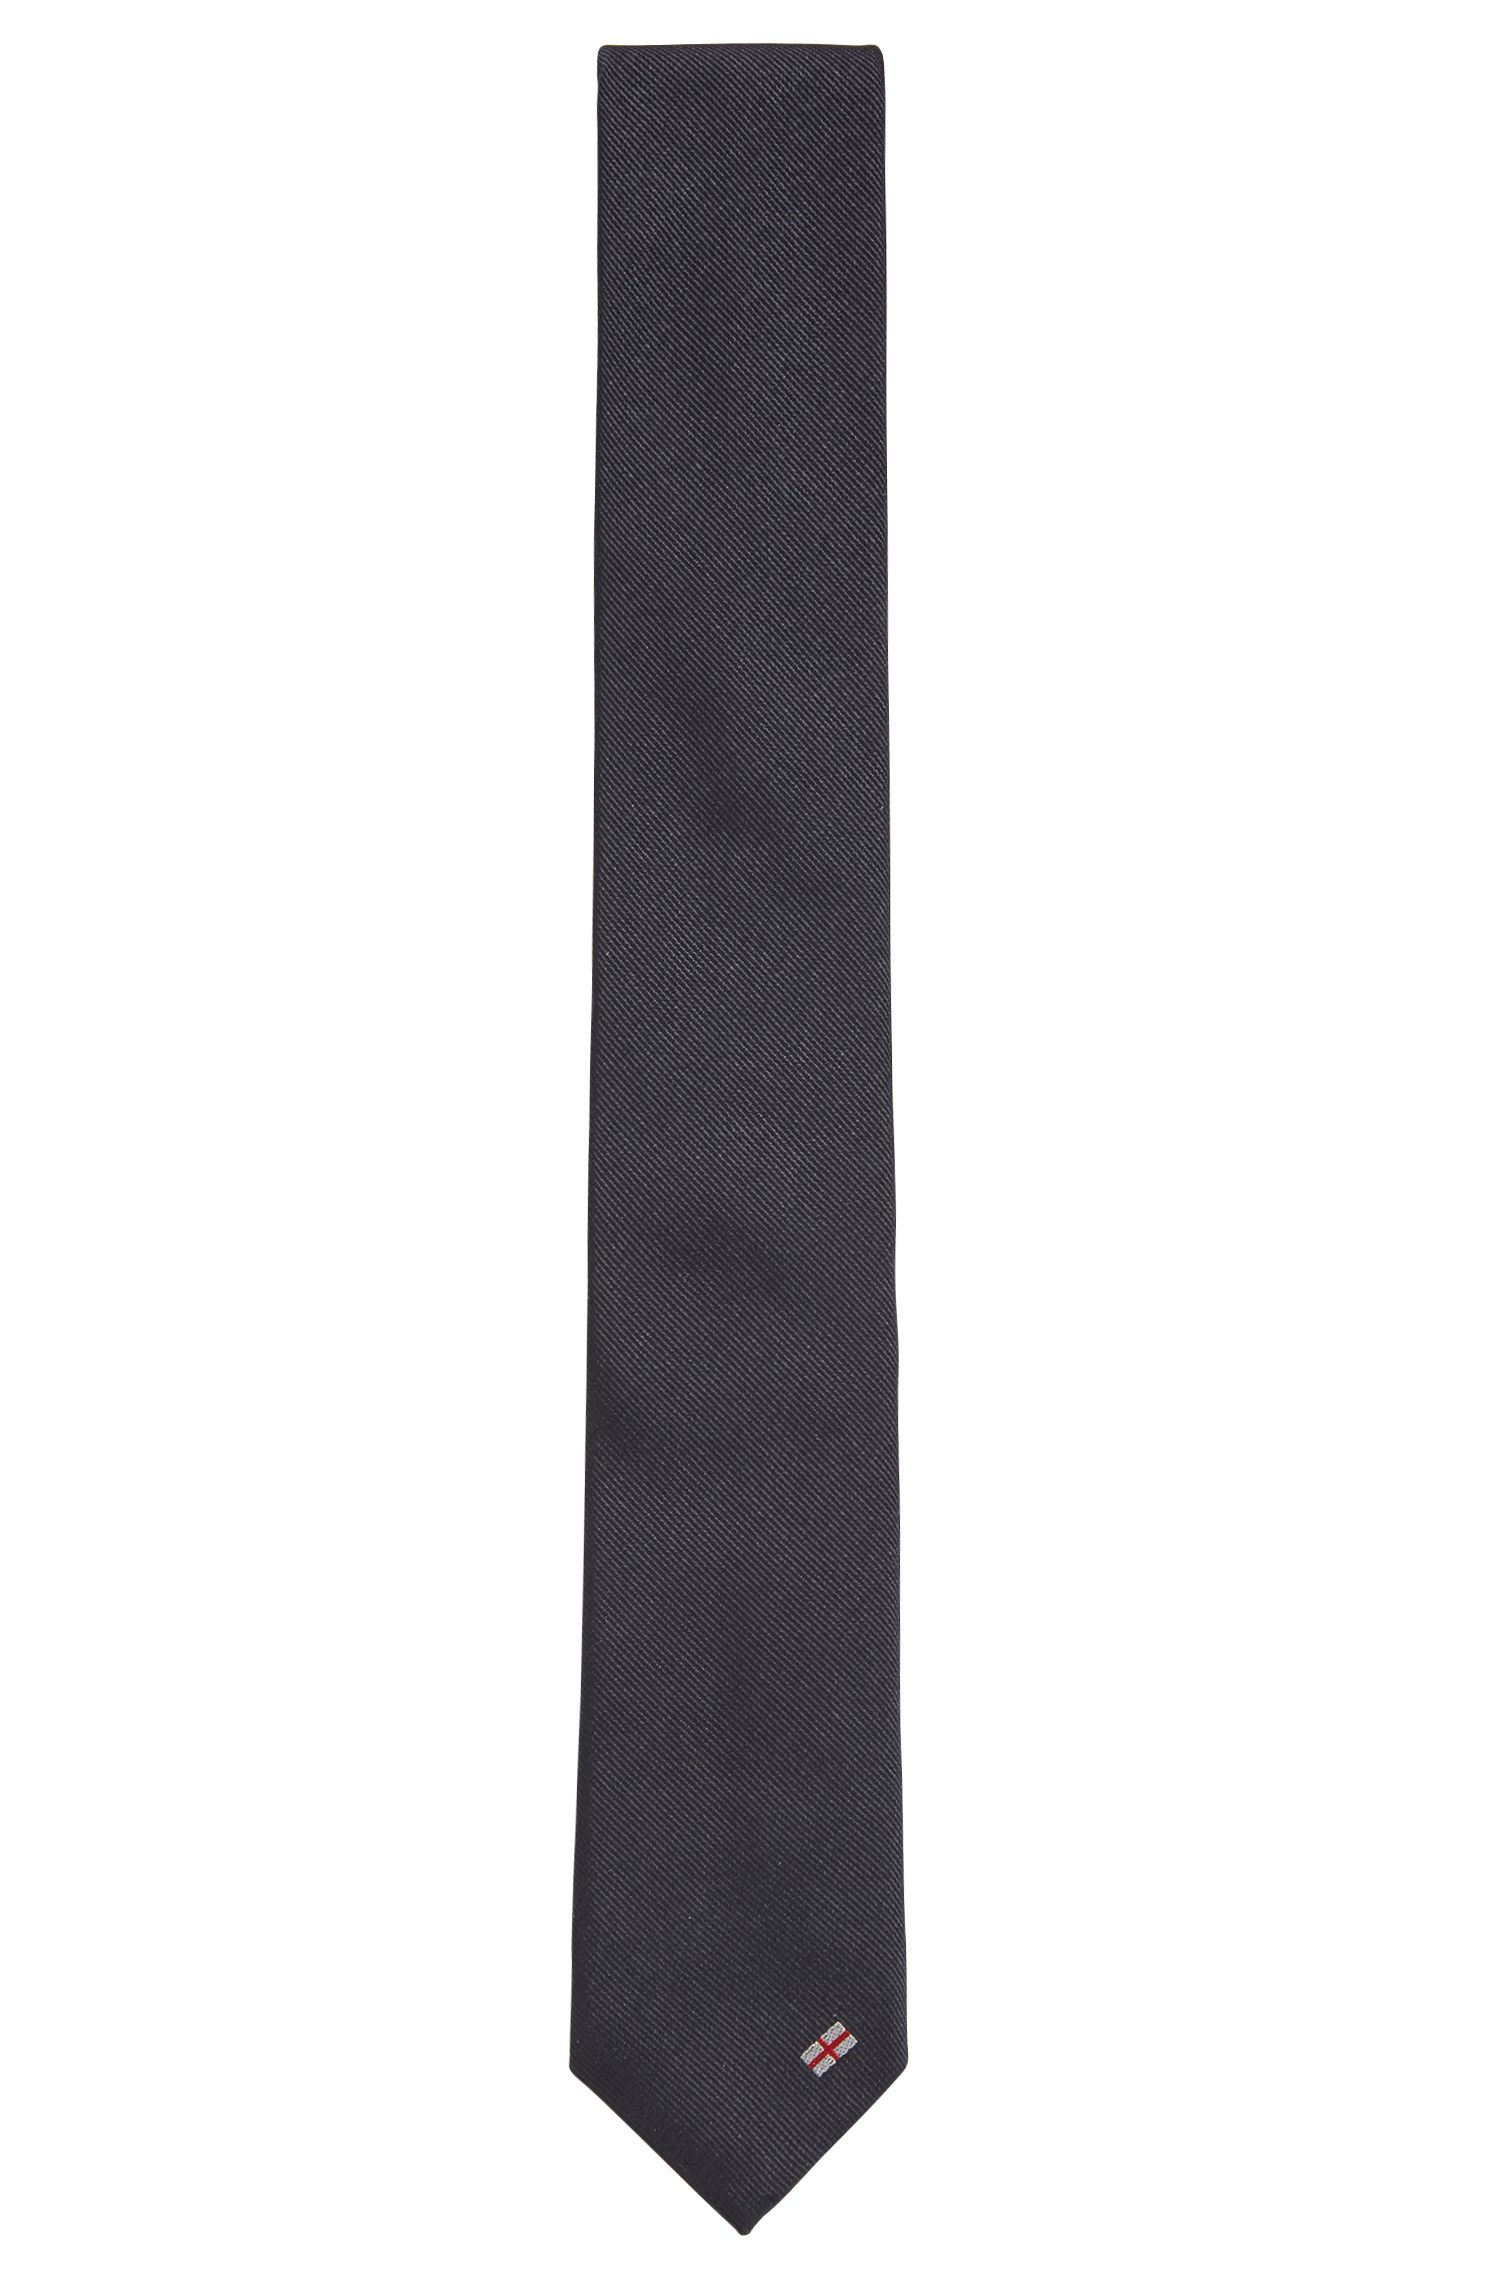 Krawatte aus Seide mit Landesflagge